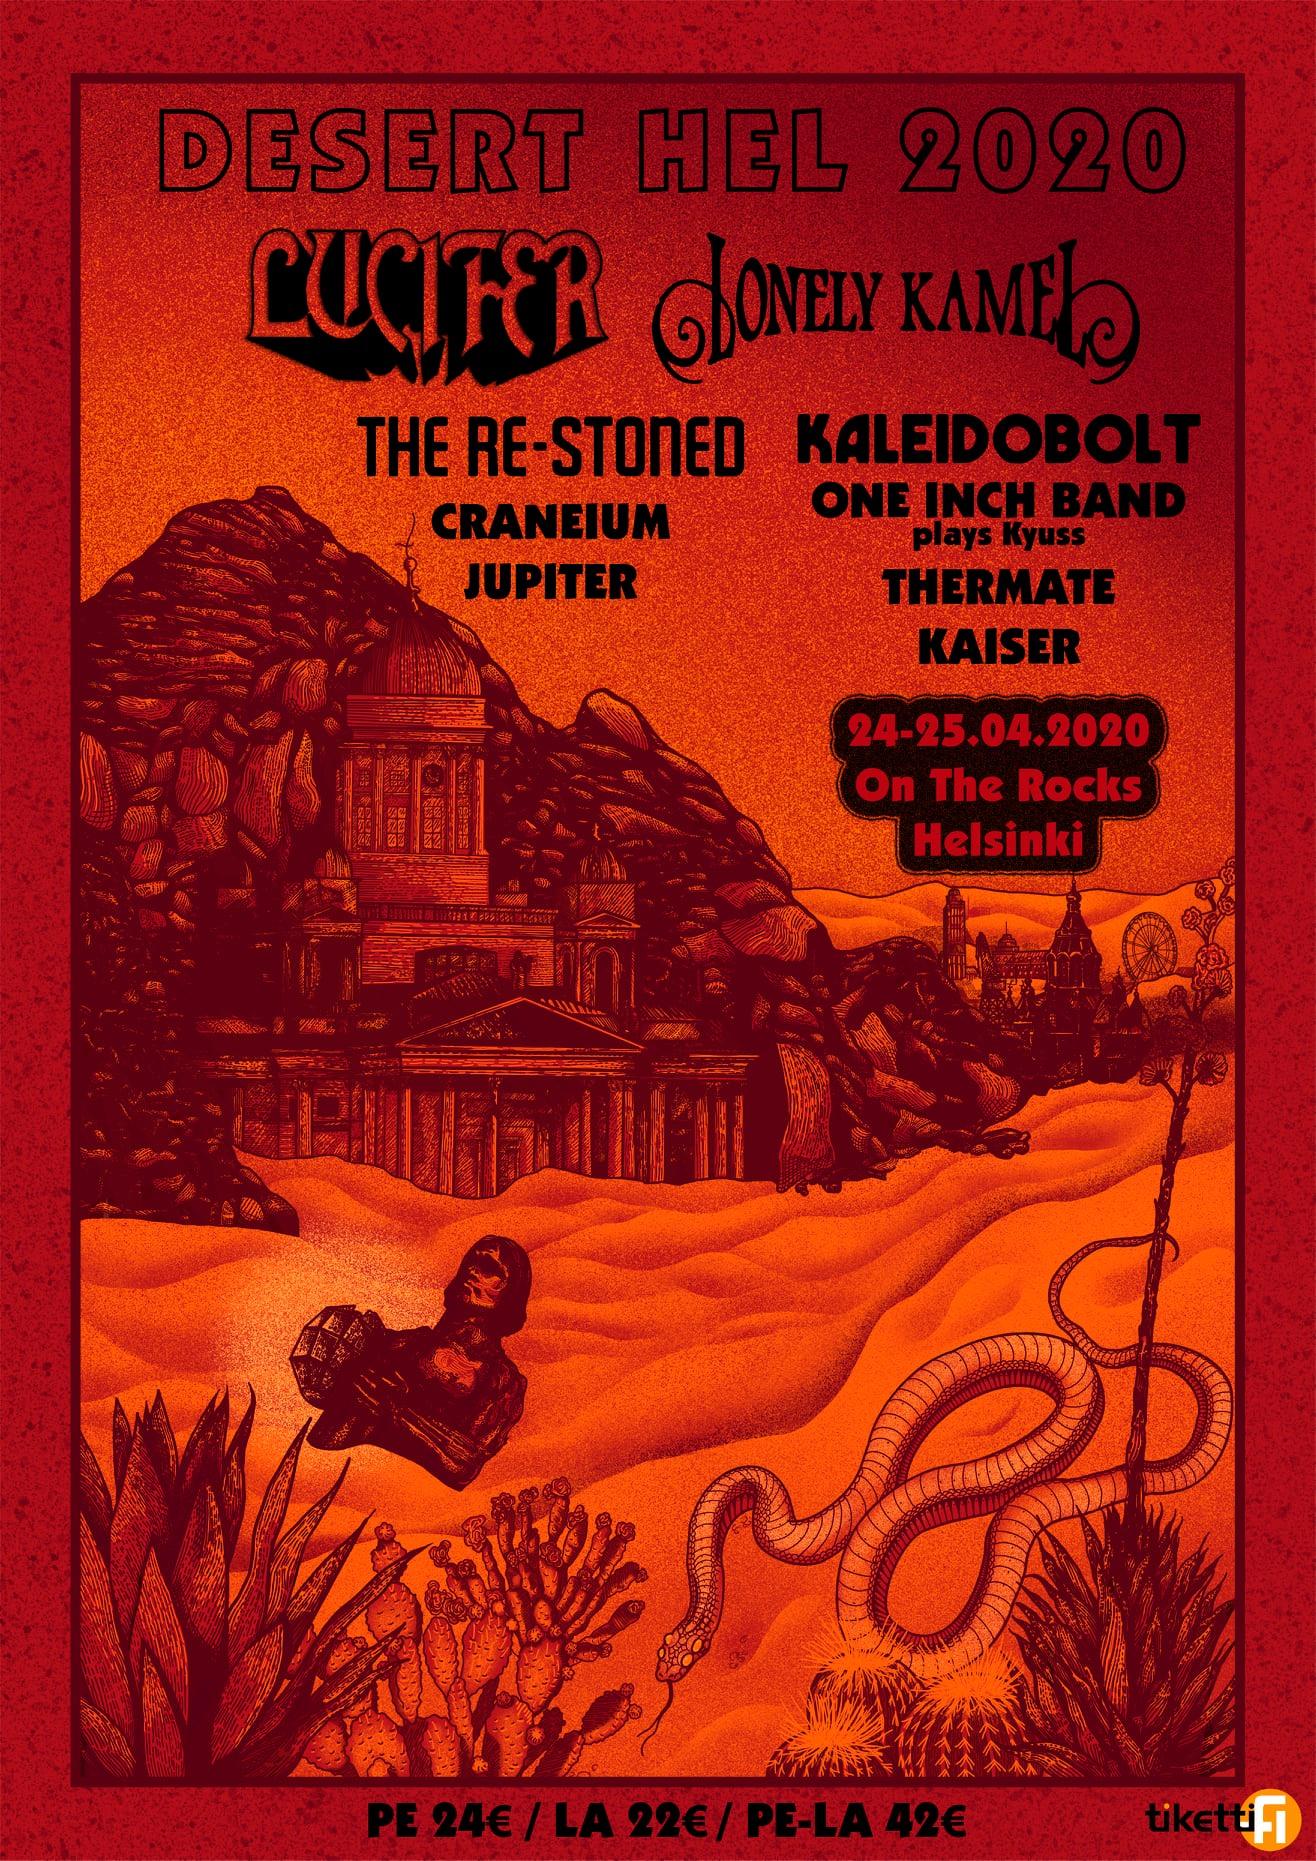 desert hel 2020 poster